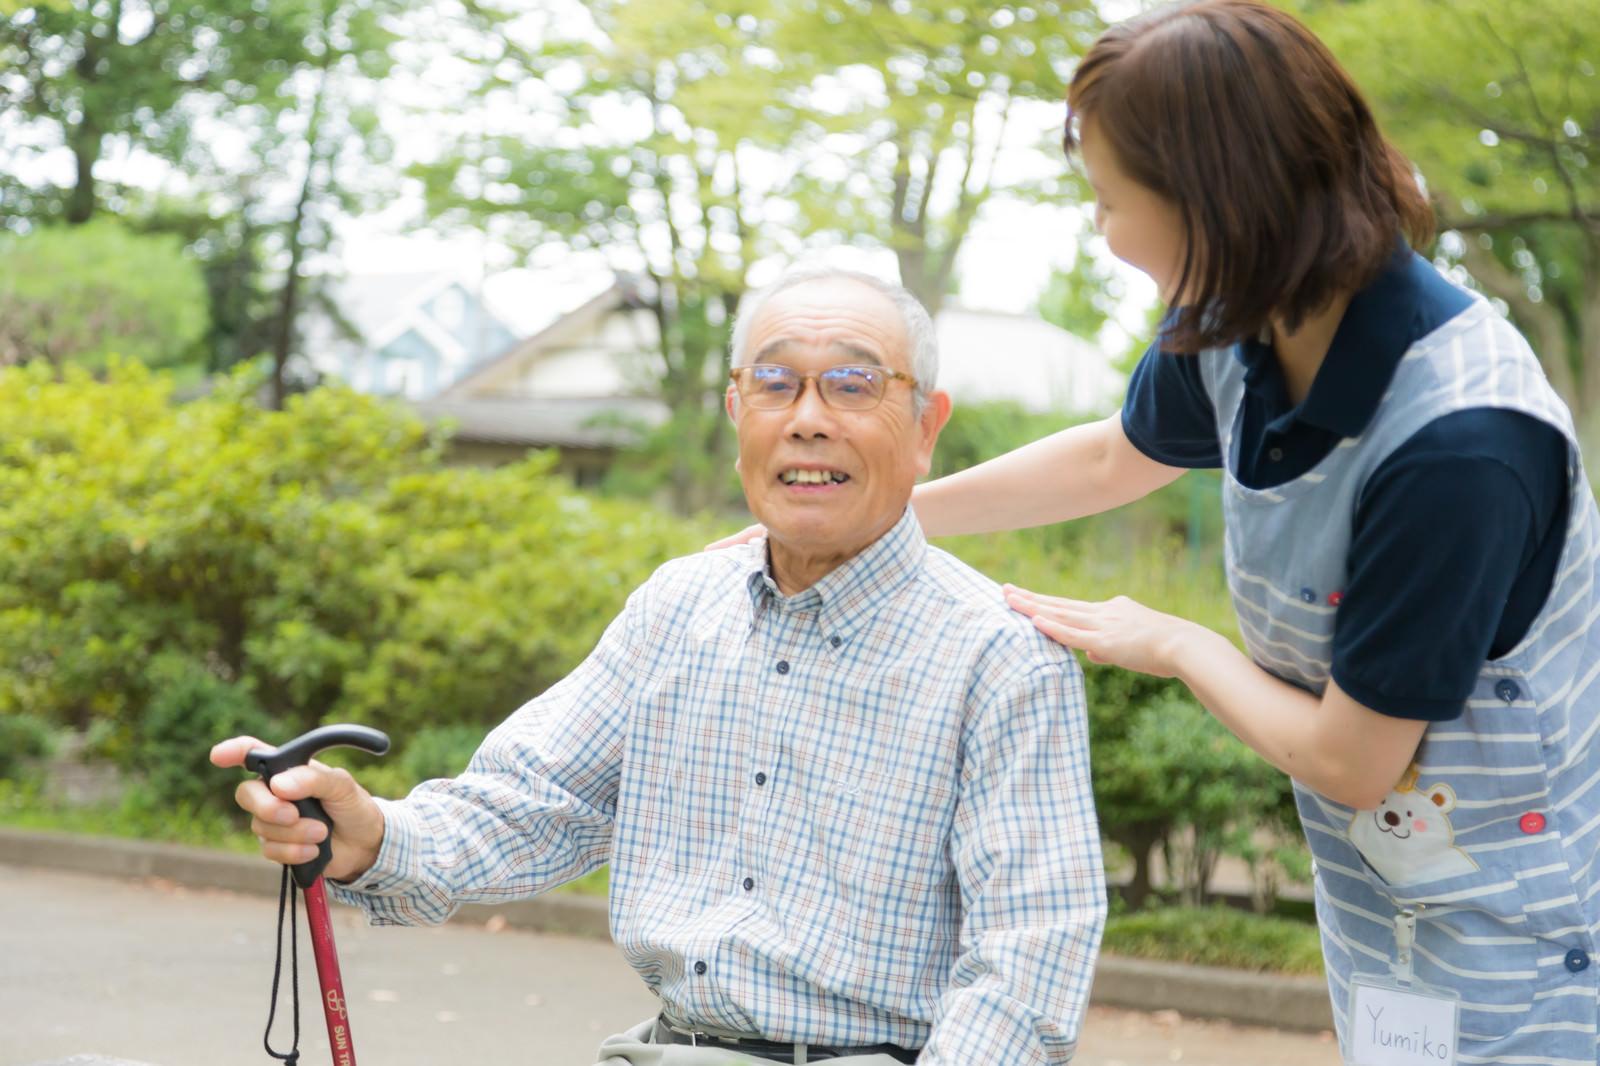 「公園で日光浴を楽しむおじいさんと介護士の女性」の写真[モデル:まーちゃん yumiko]